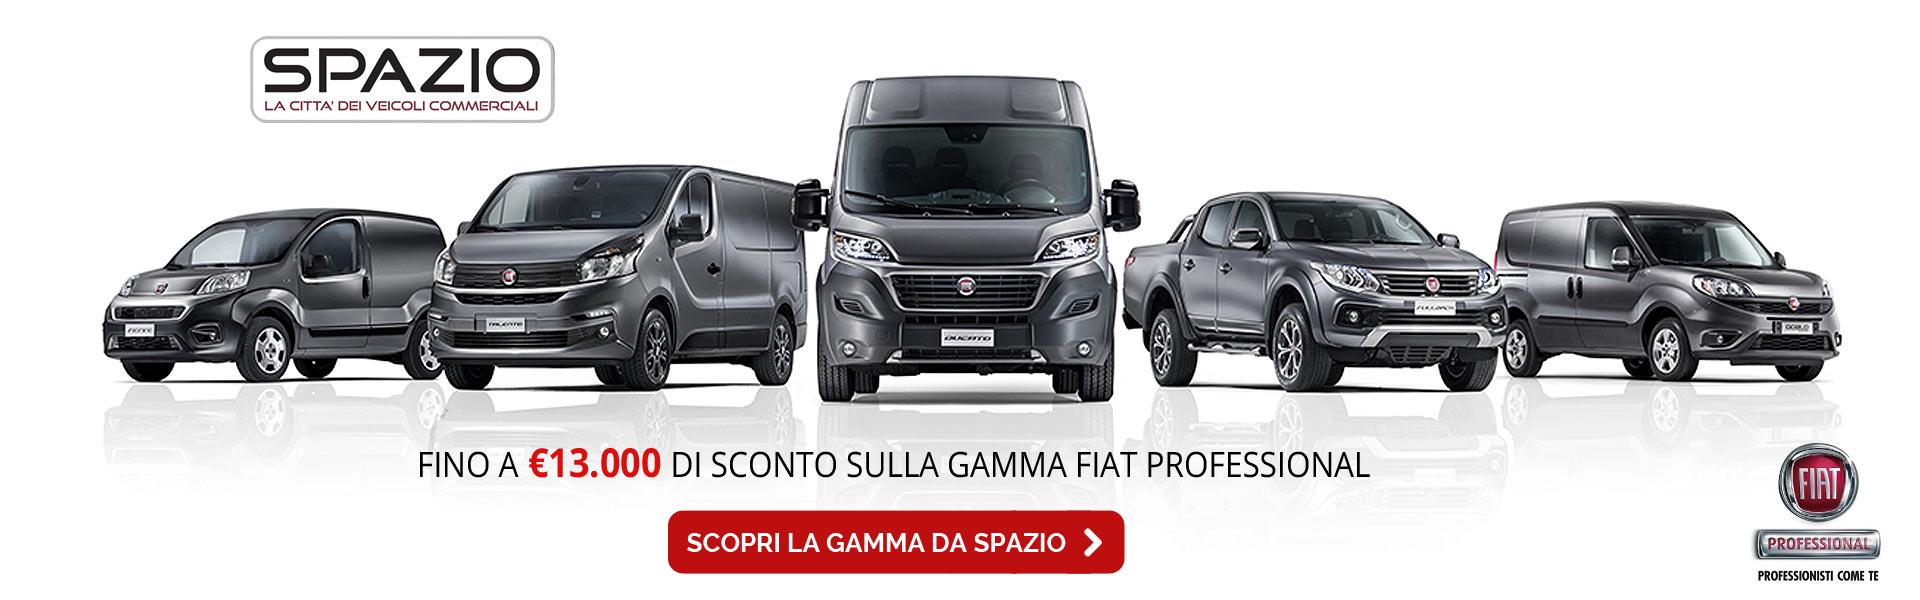 Sconti fino a 13.000 Euro su gamma Fiat Professional